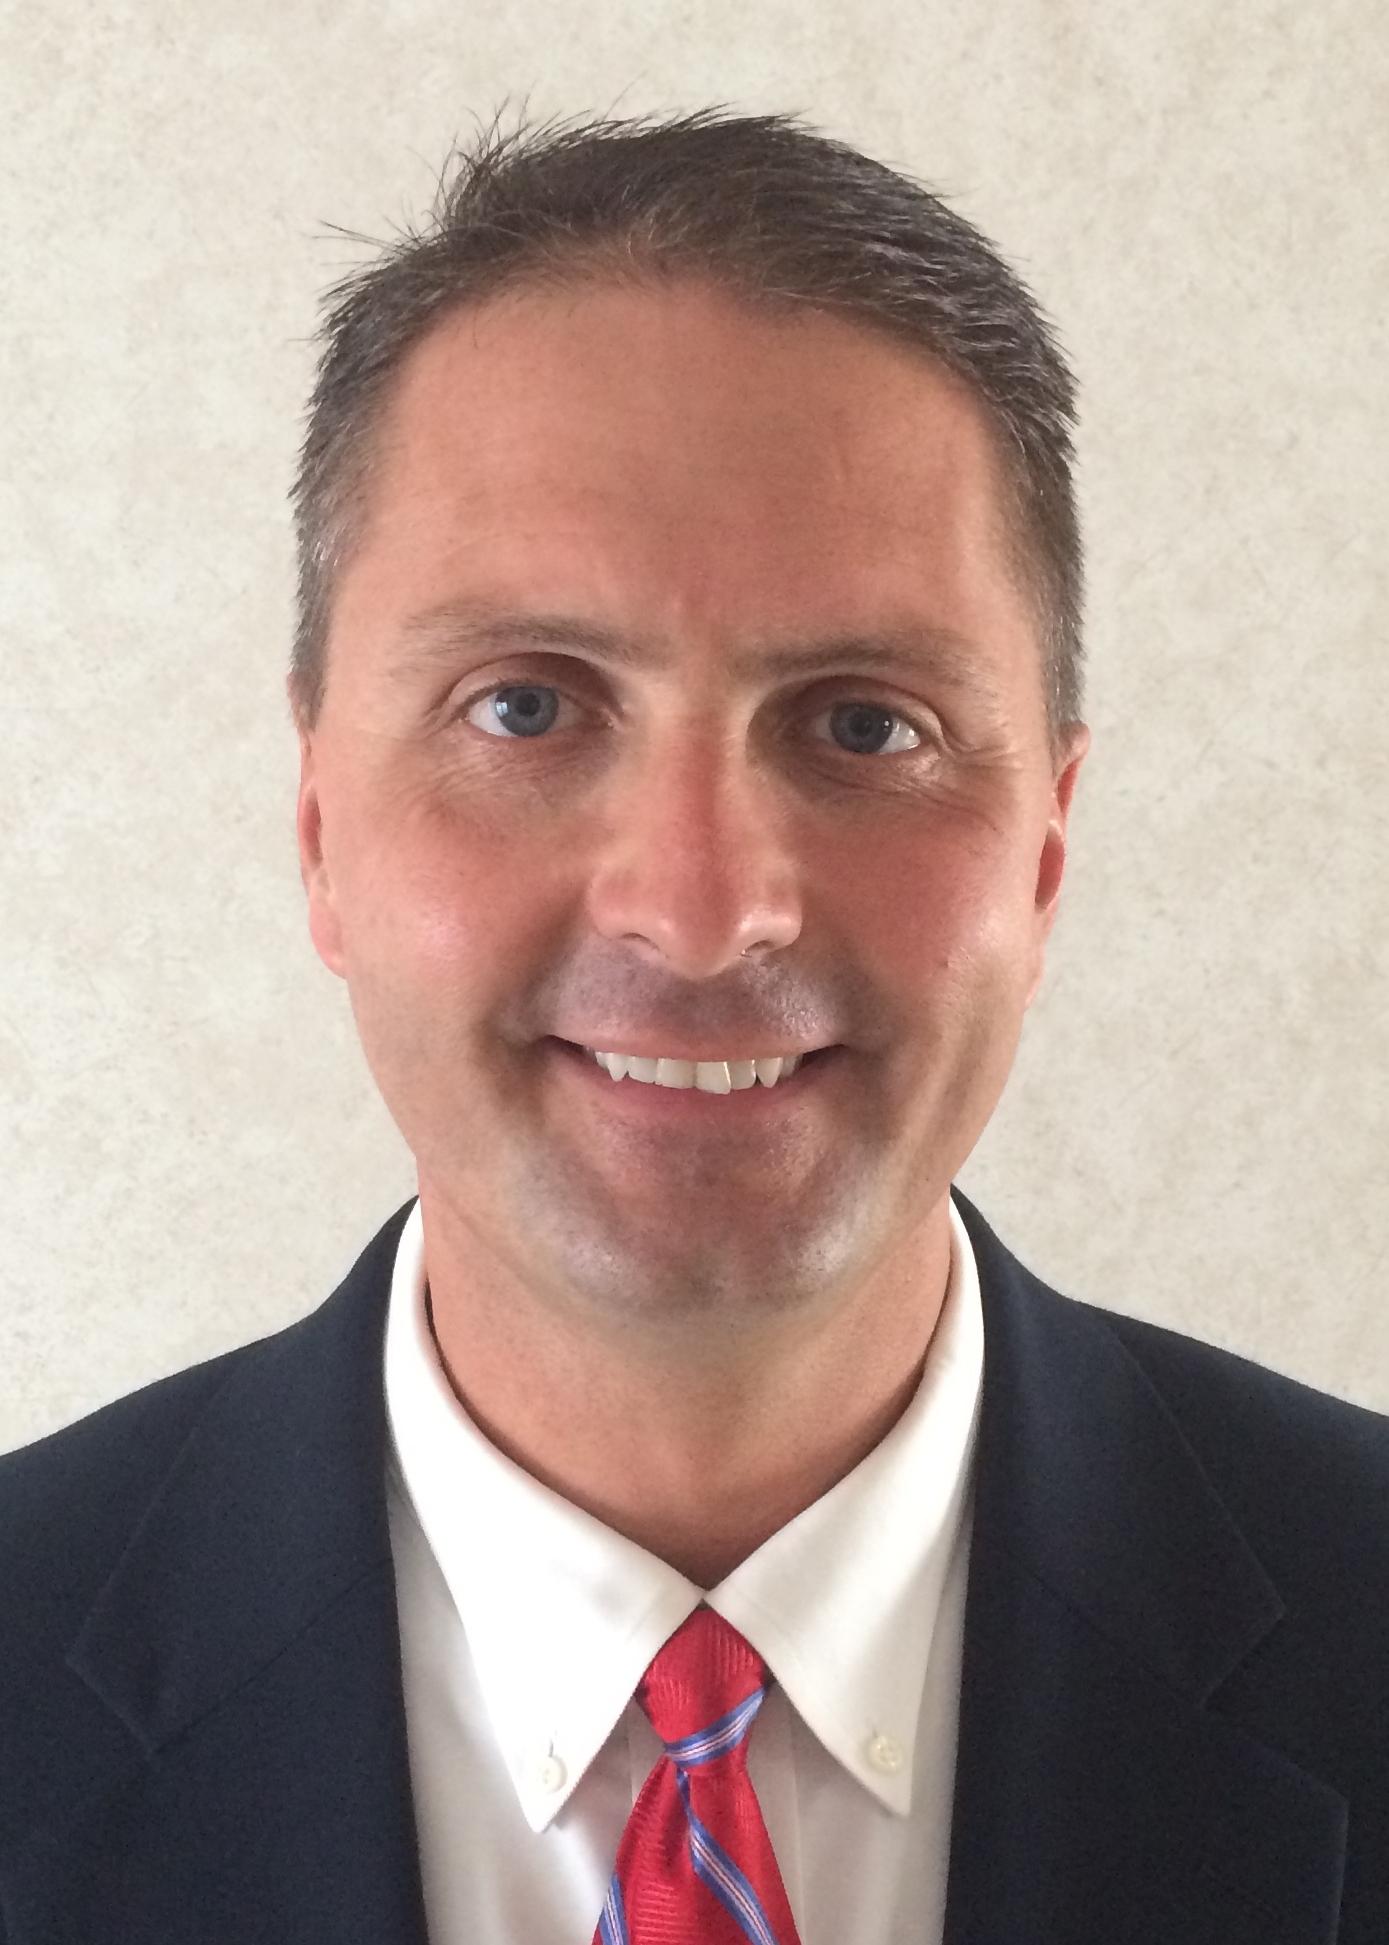 Corey Holobetz